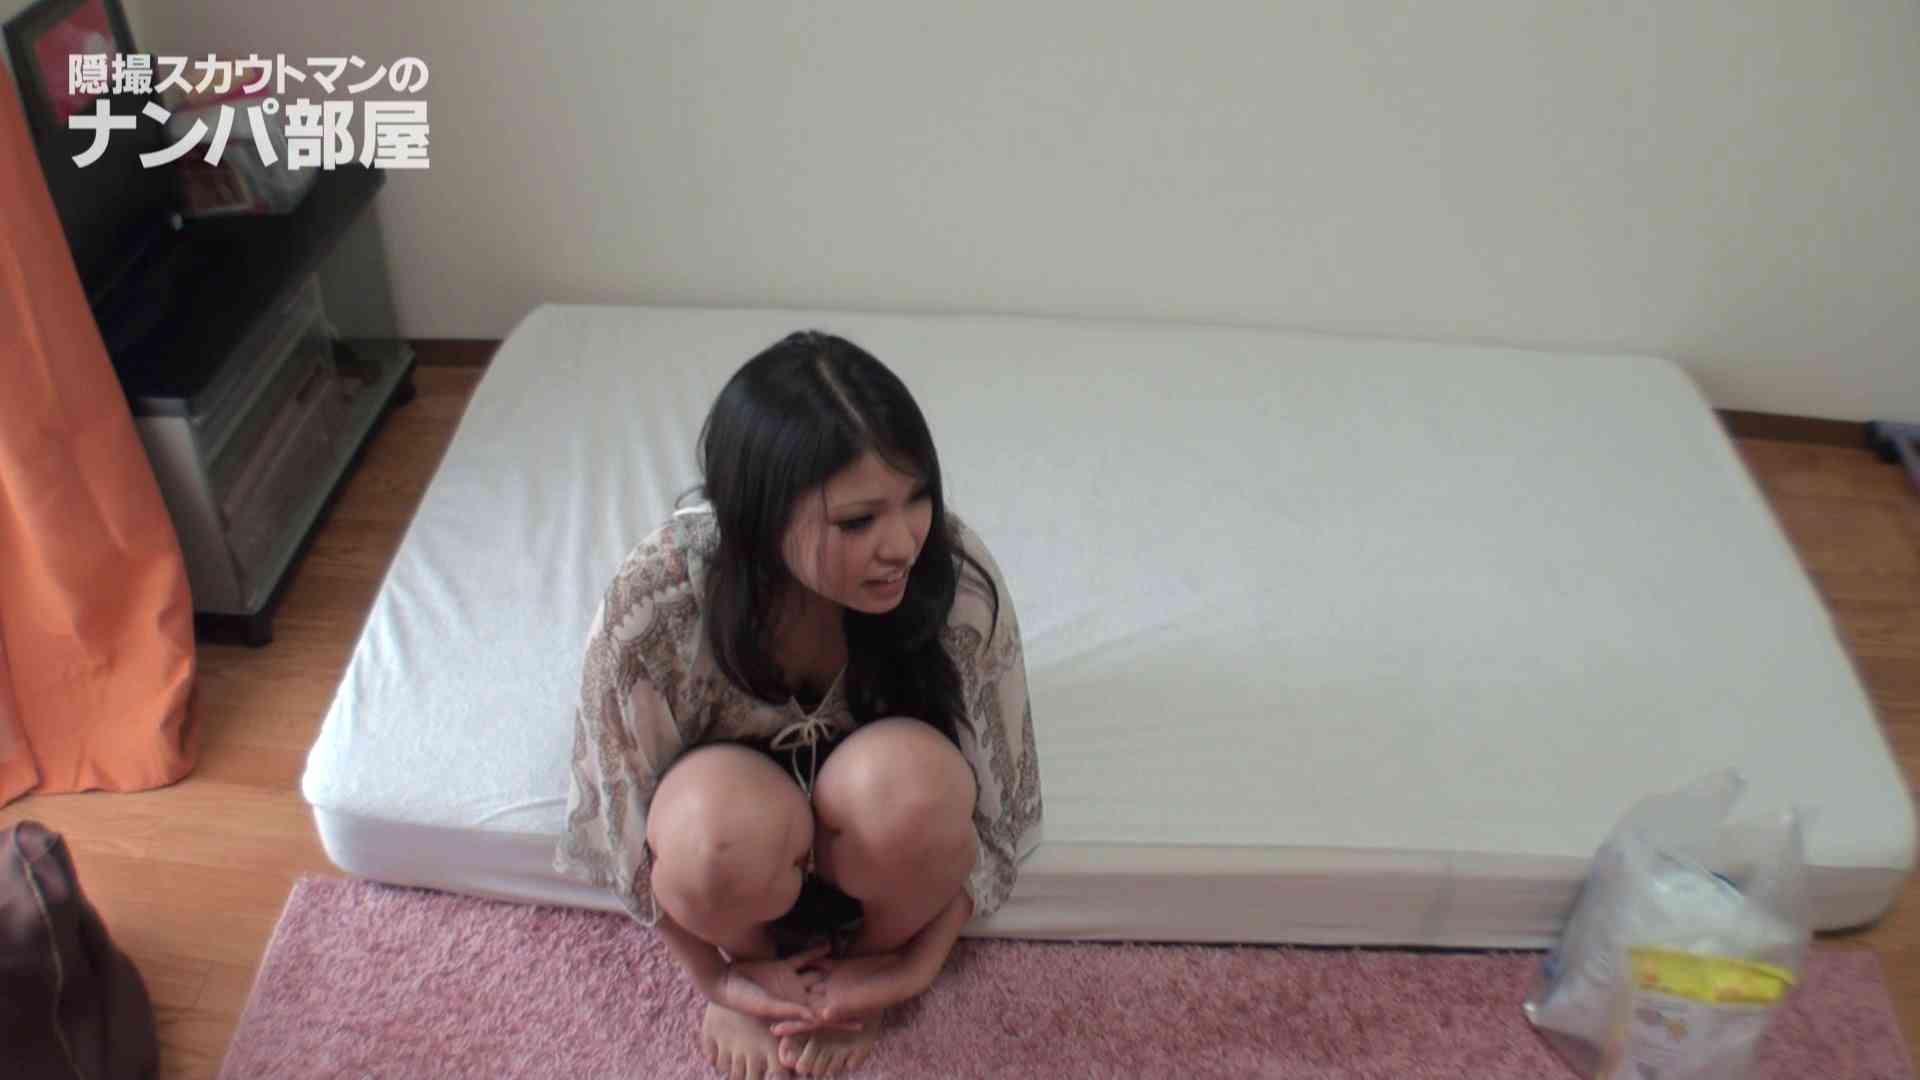 隠撮スカウトマンのナンパ部屋~風俗デビュー前のつまみ食い~hana 脱衣所 | 隠撮  89pic 7